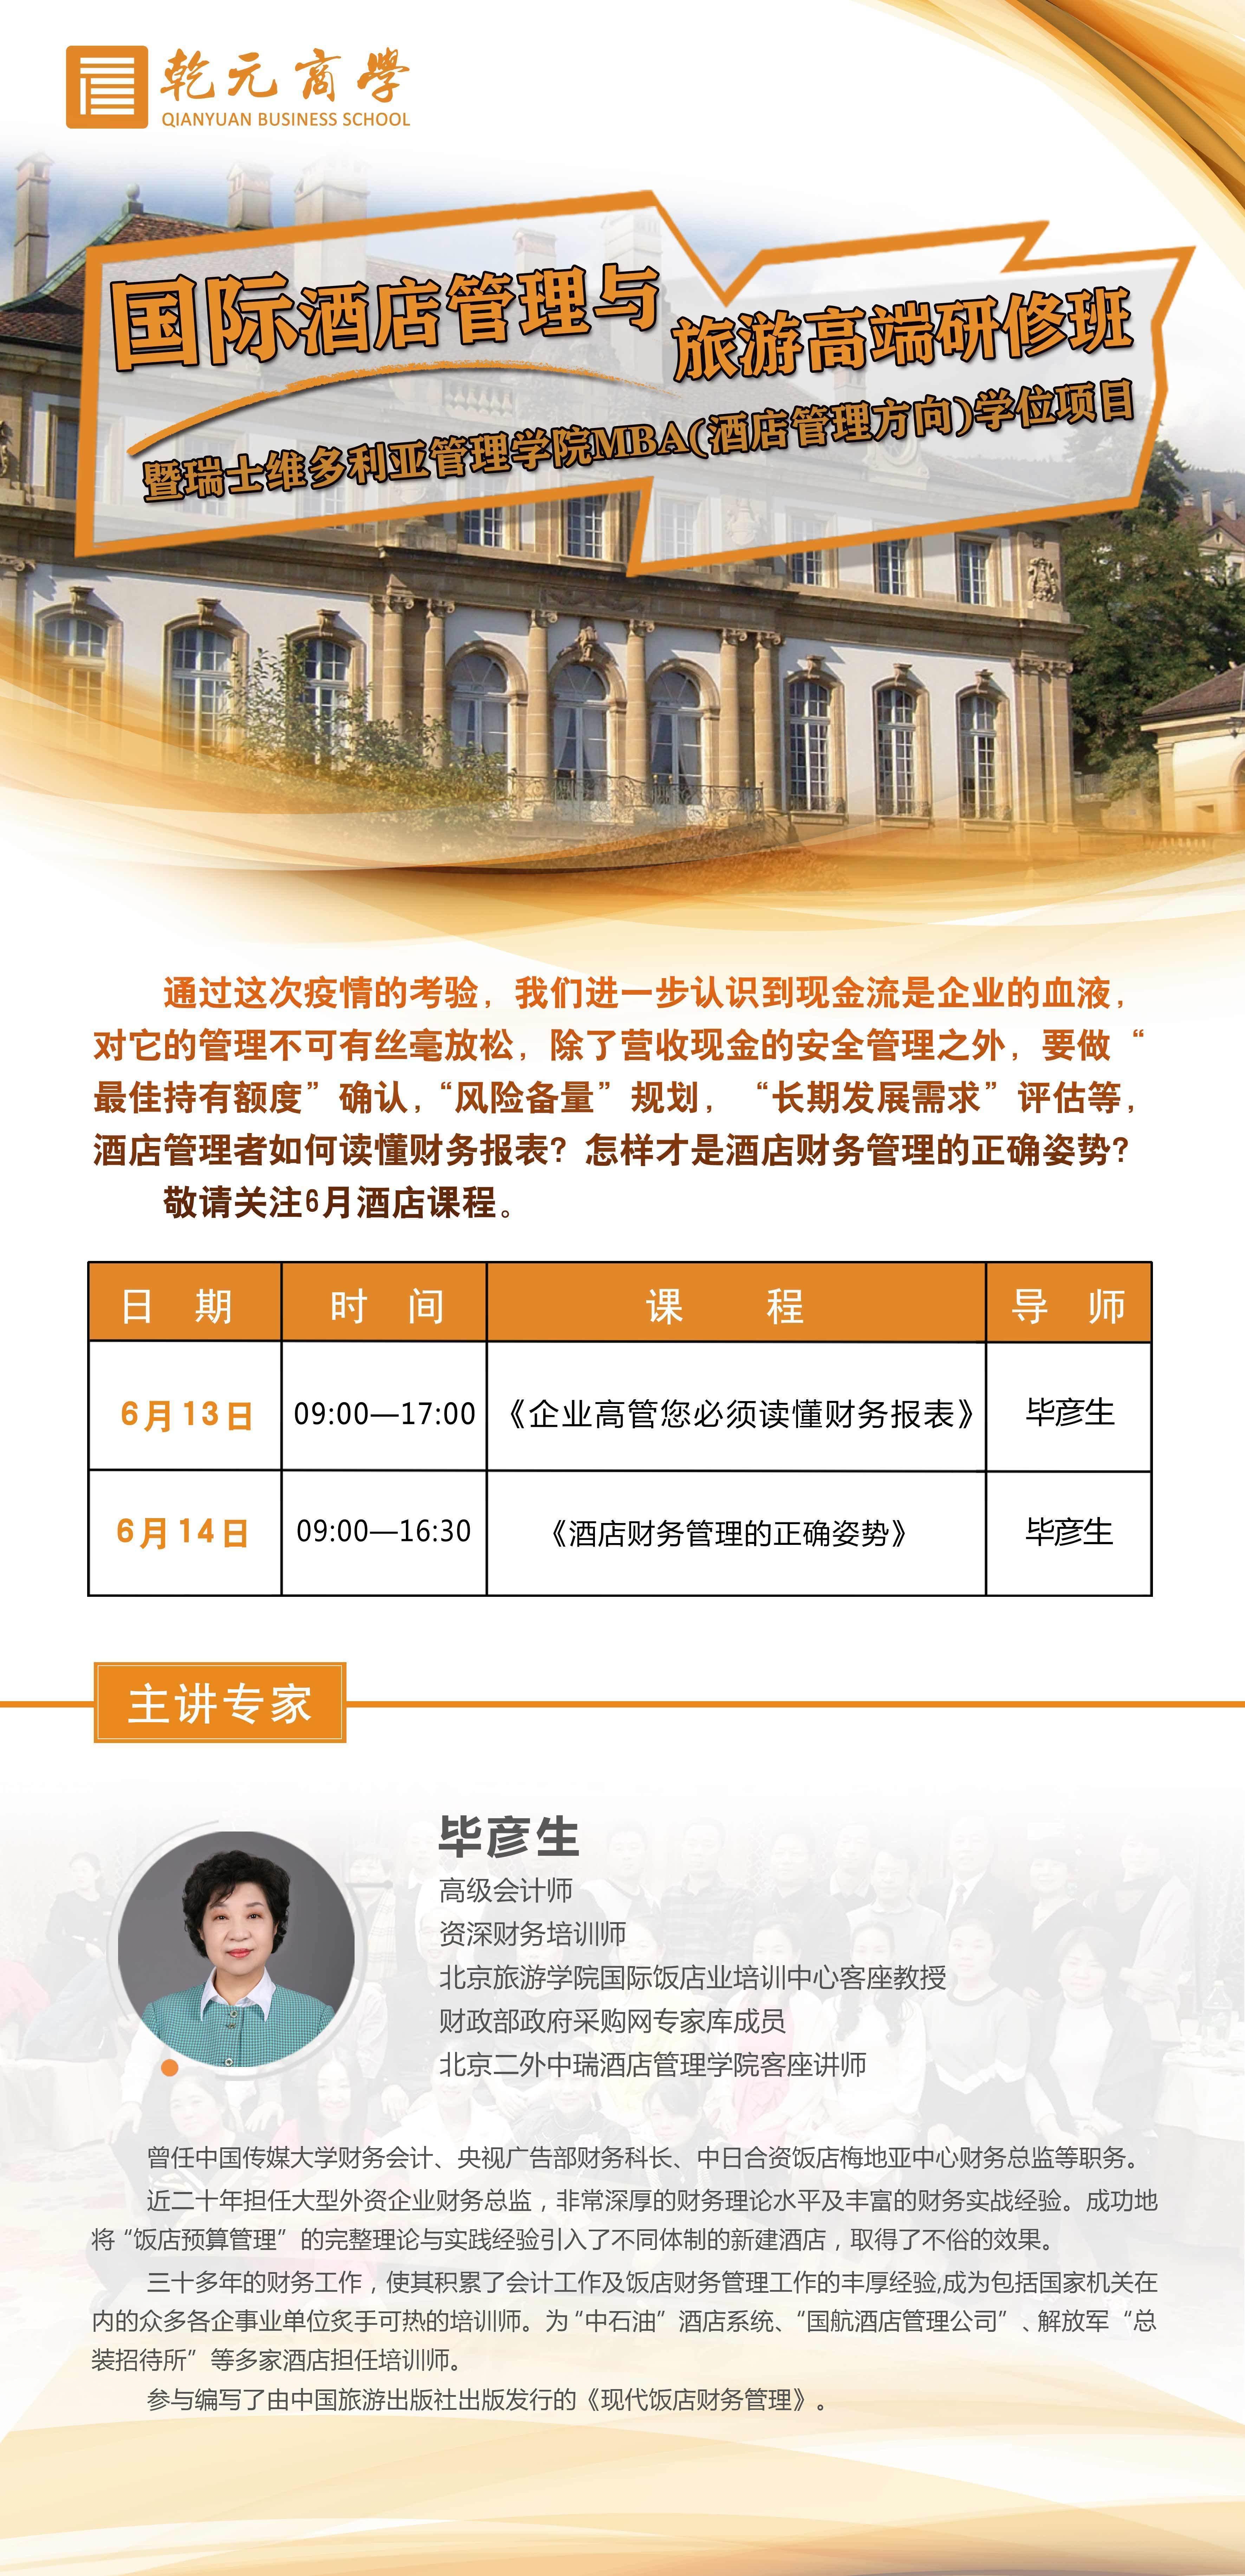 酒店管理与旅游开发6月开课通知